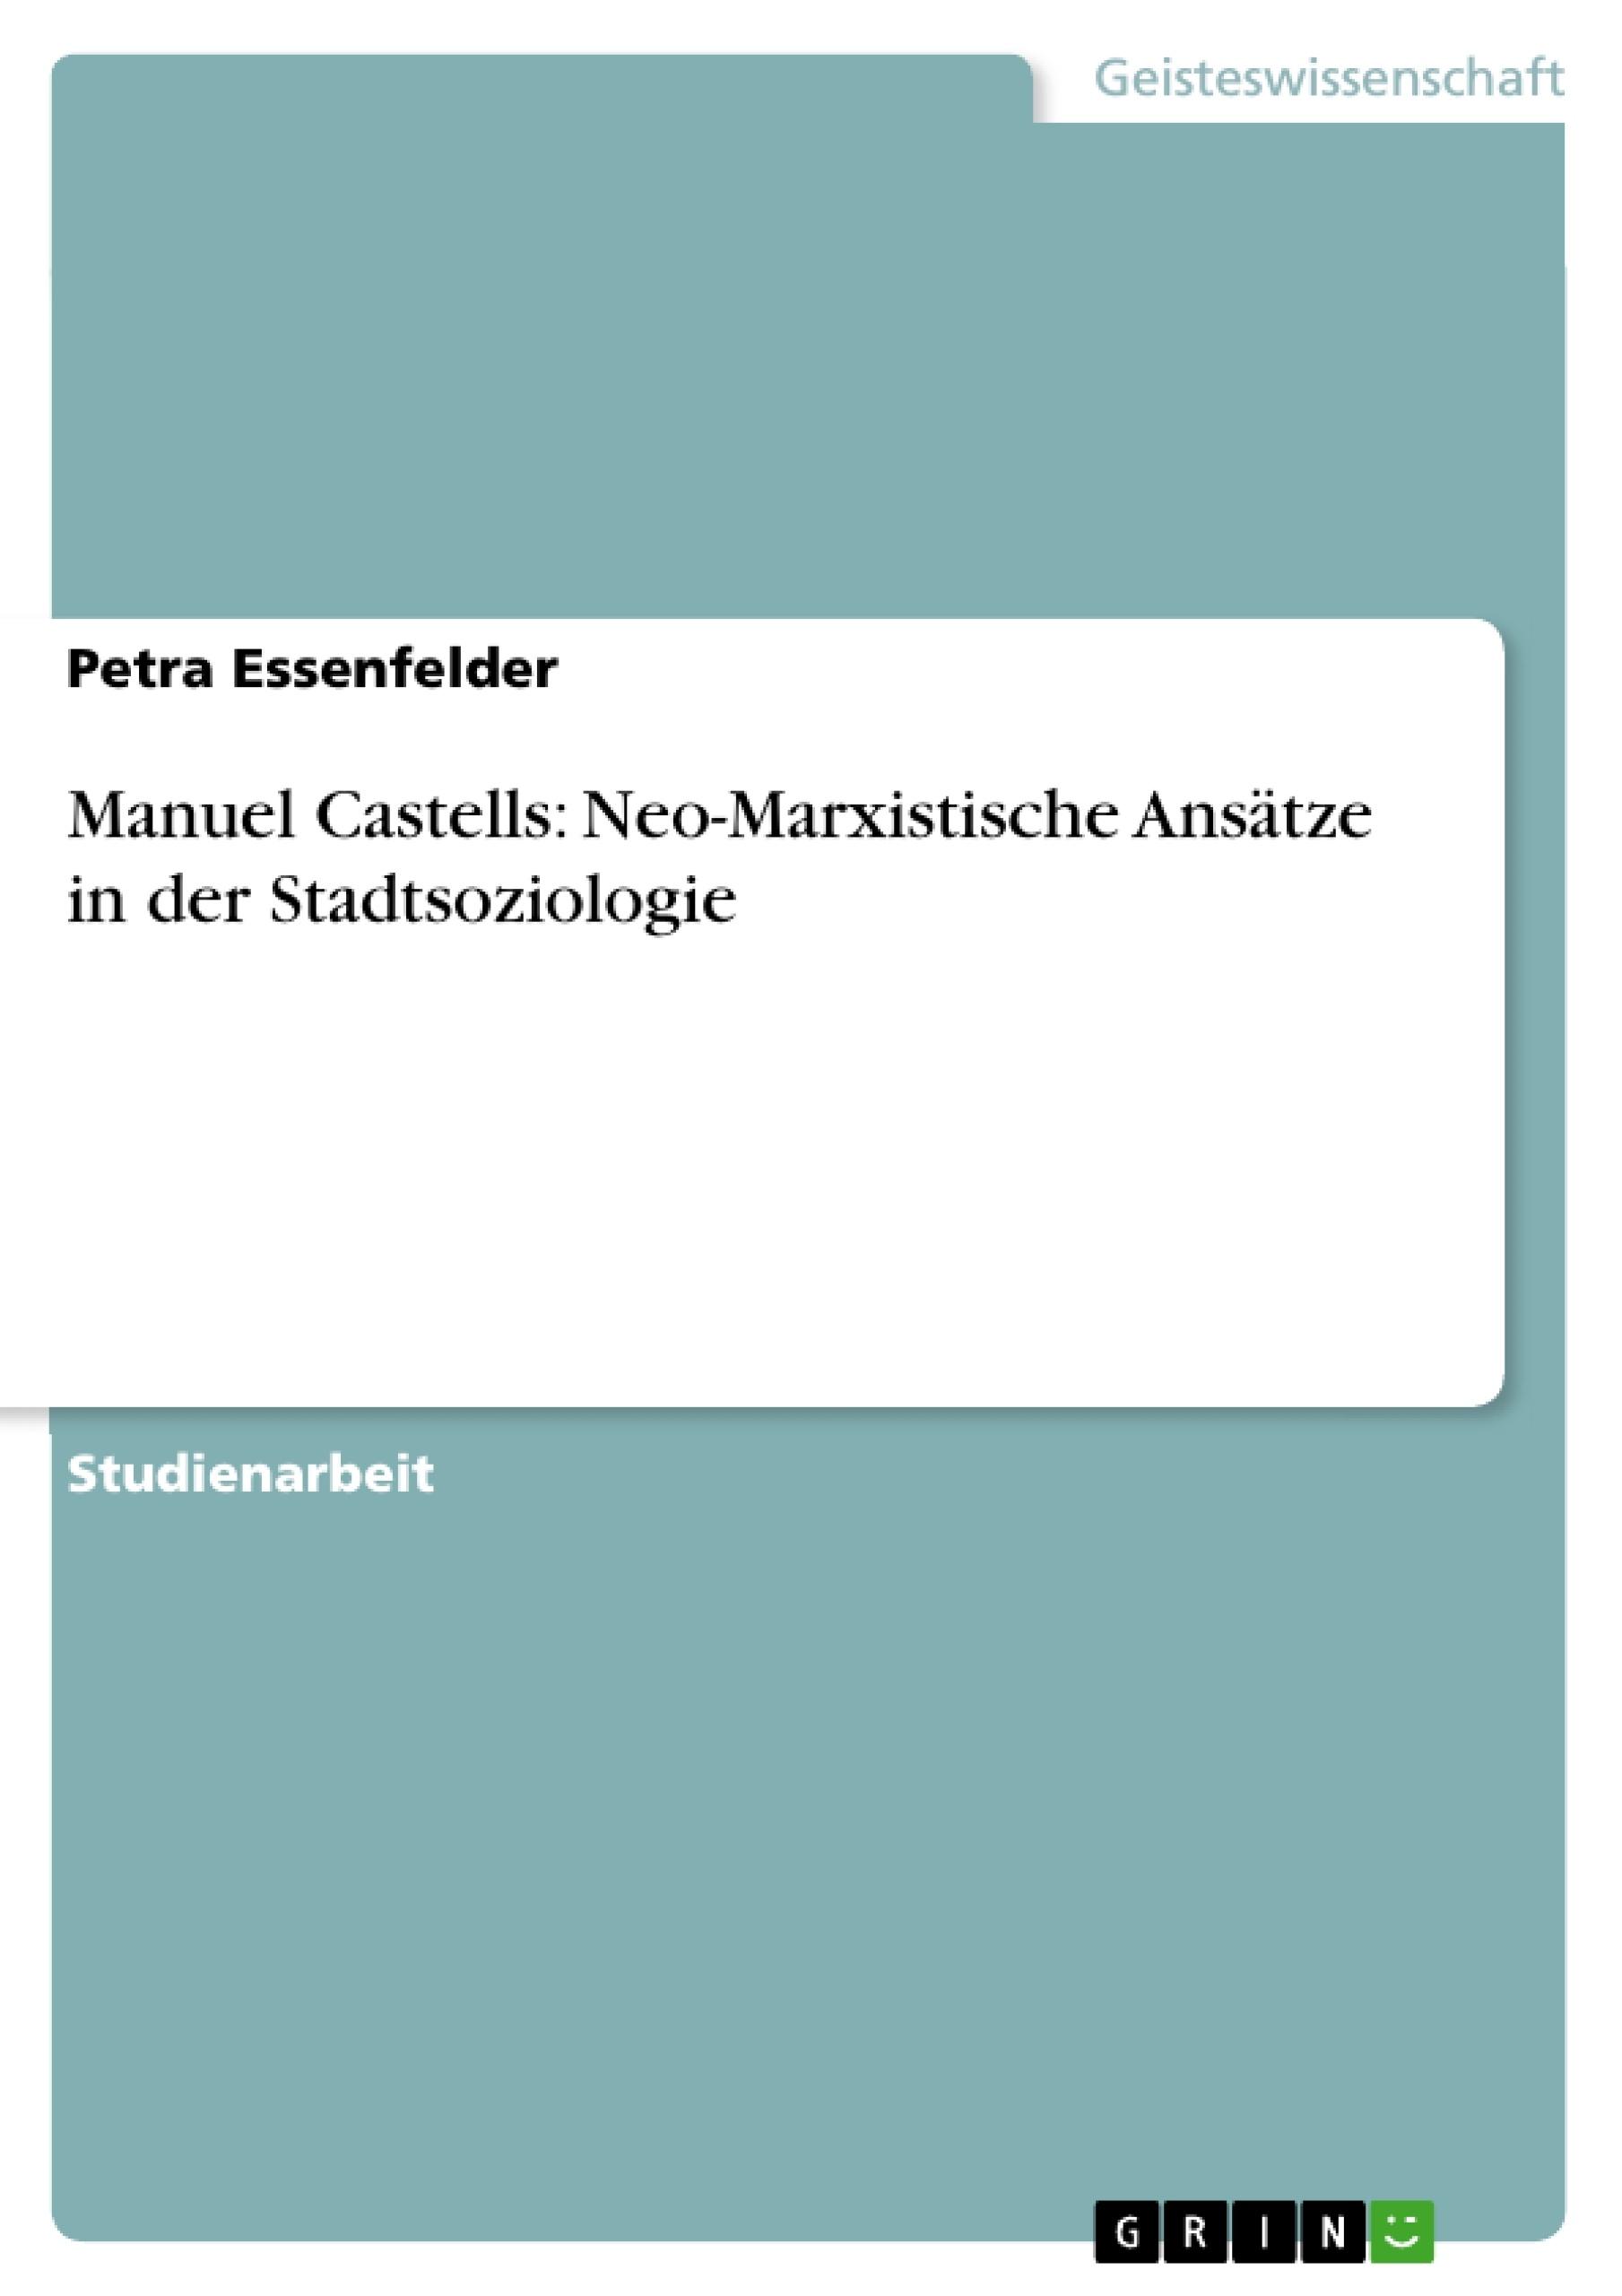 Titel: Manuel Castells: Neo-Marxistische Ansätze in der Stadtsoziologie